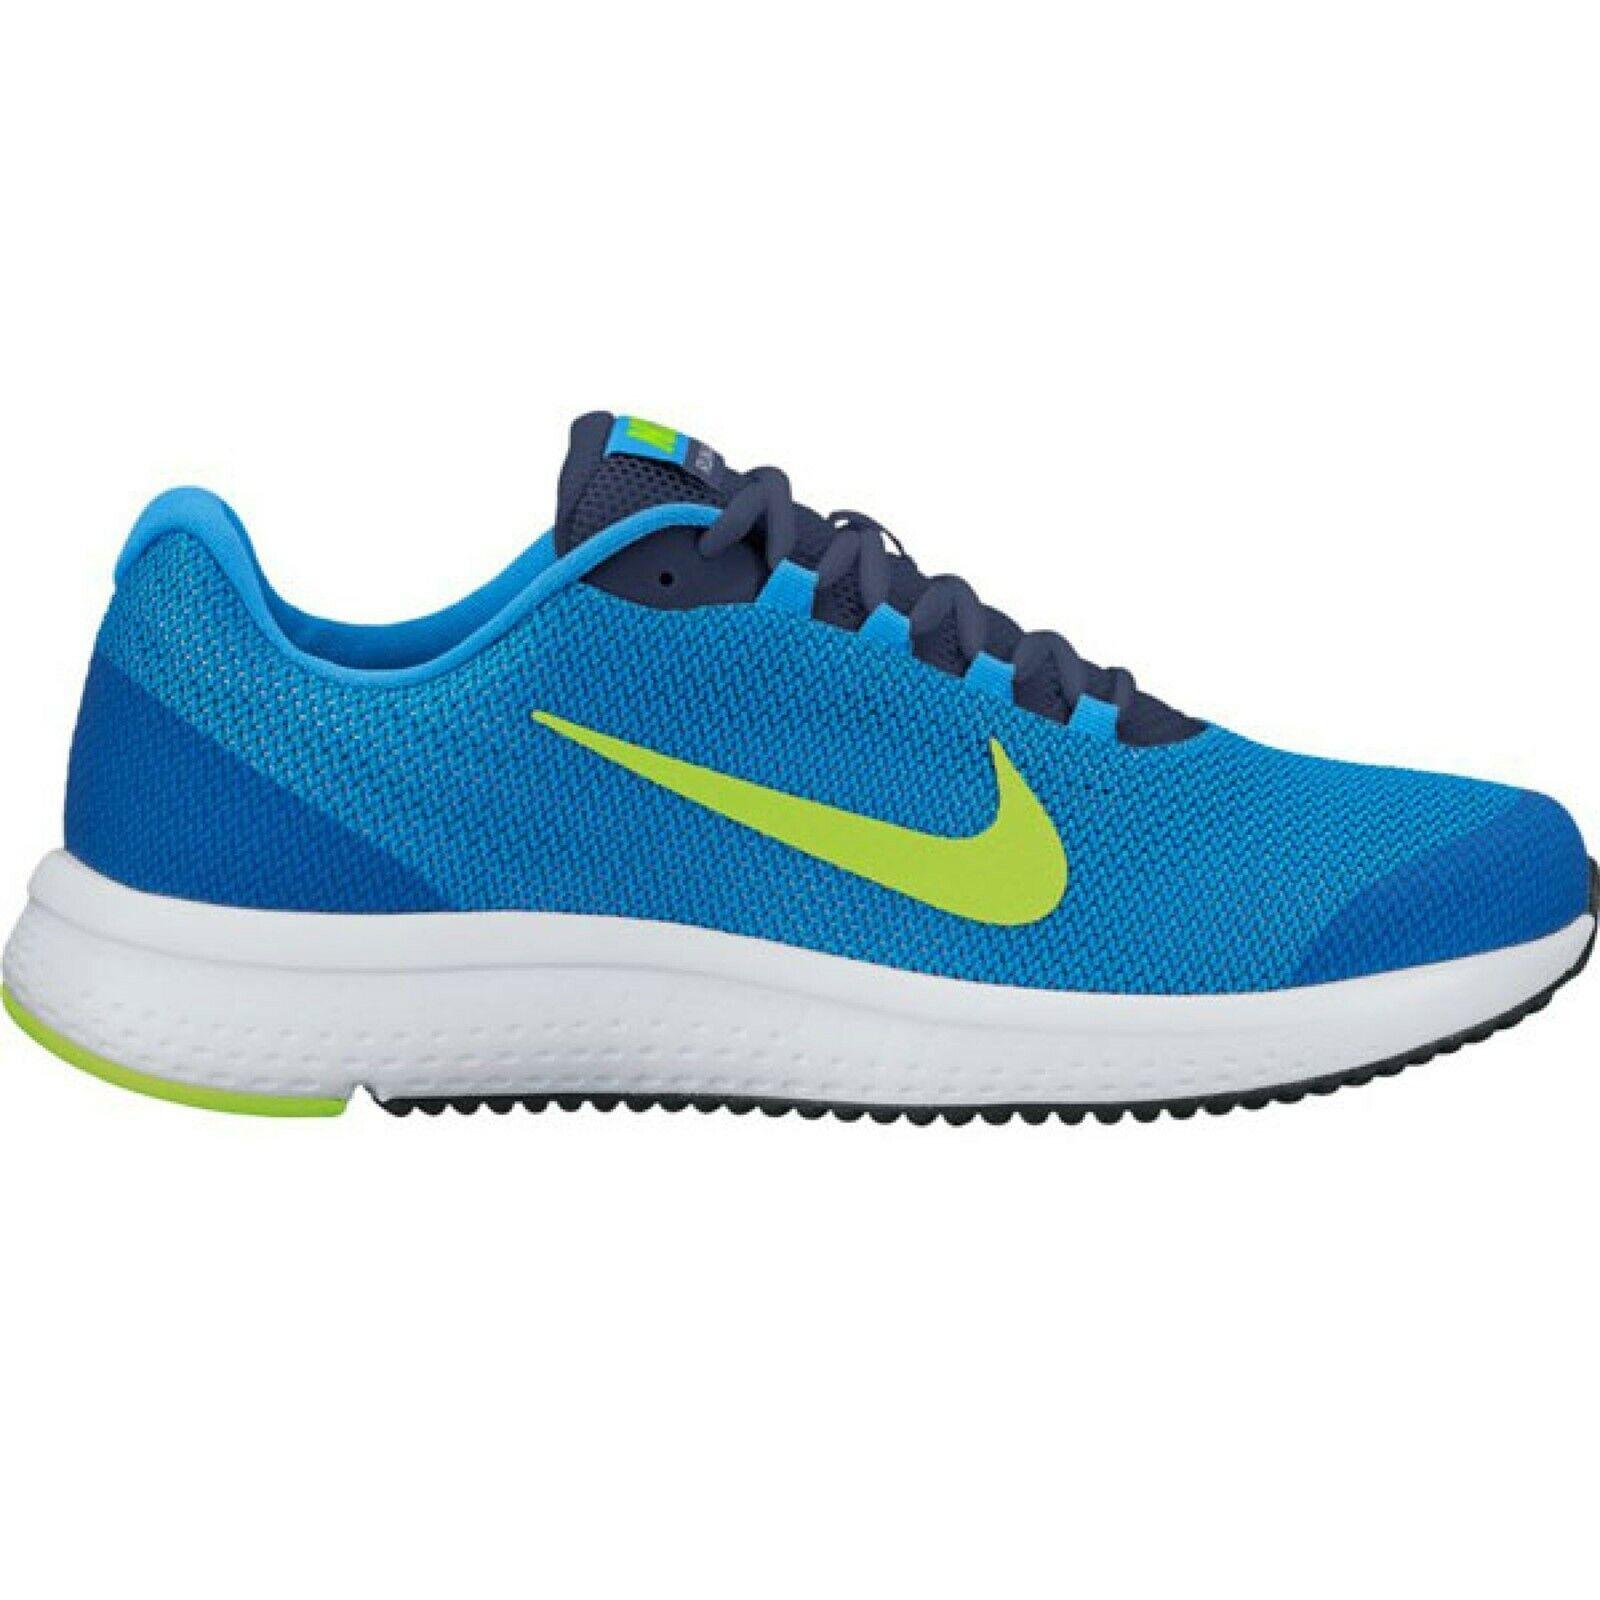 Zapatos hombres RUNNING NIKE RUNALLDAY 899464-401